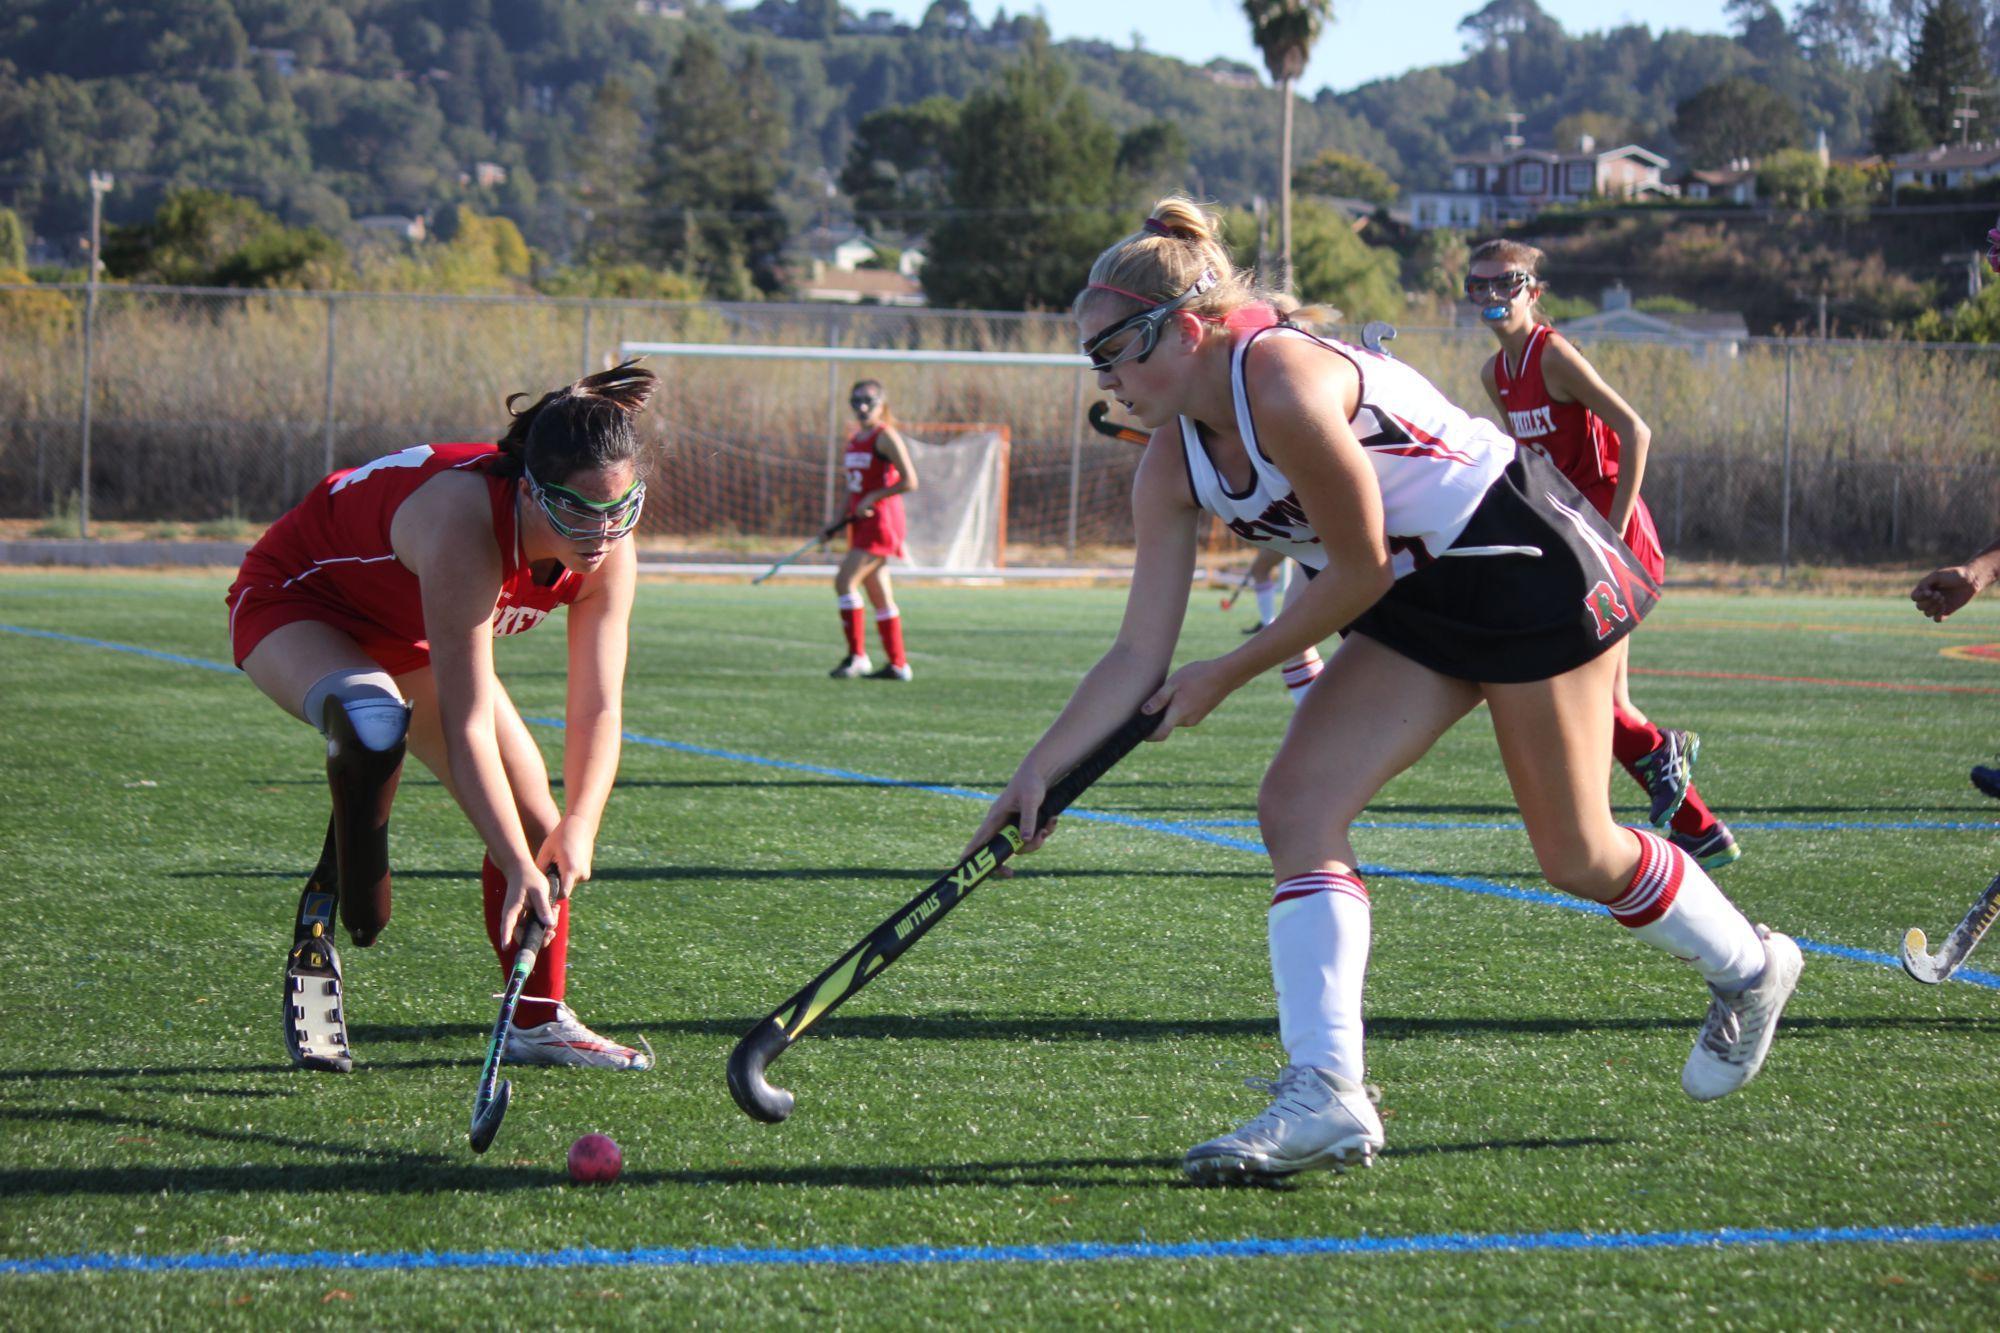 Defending the field, junior Caroline Soja runs towards the ball.